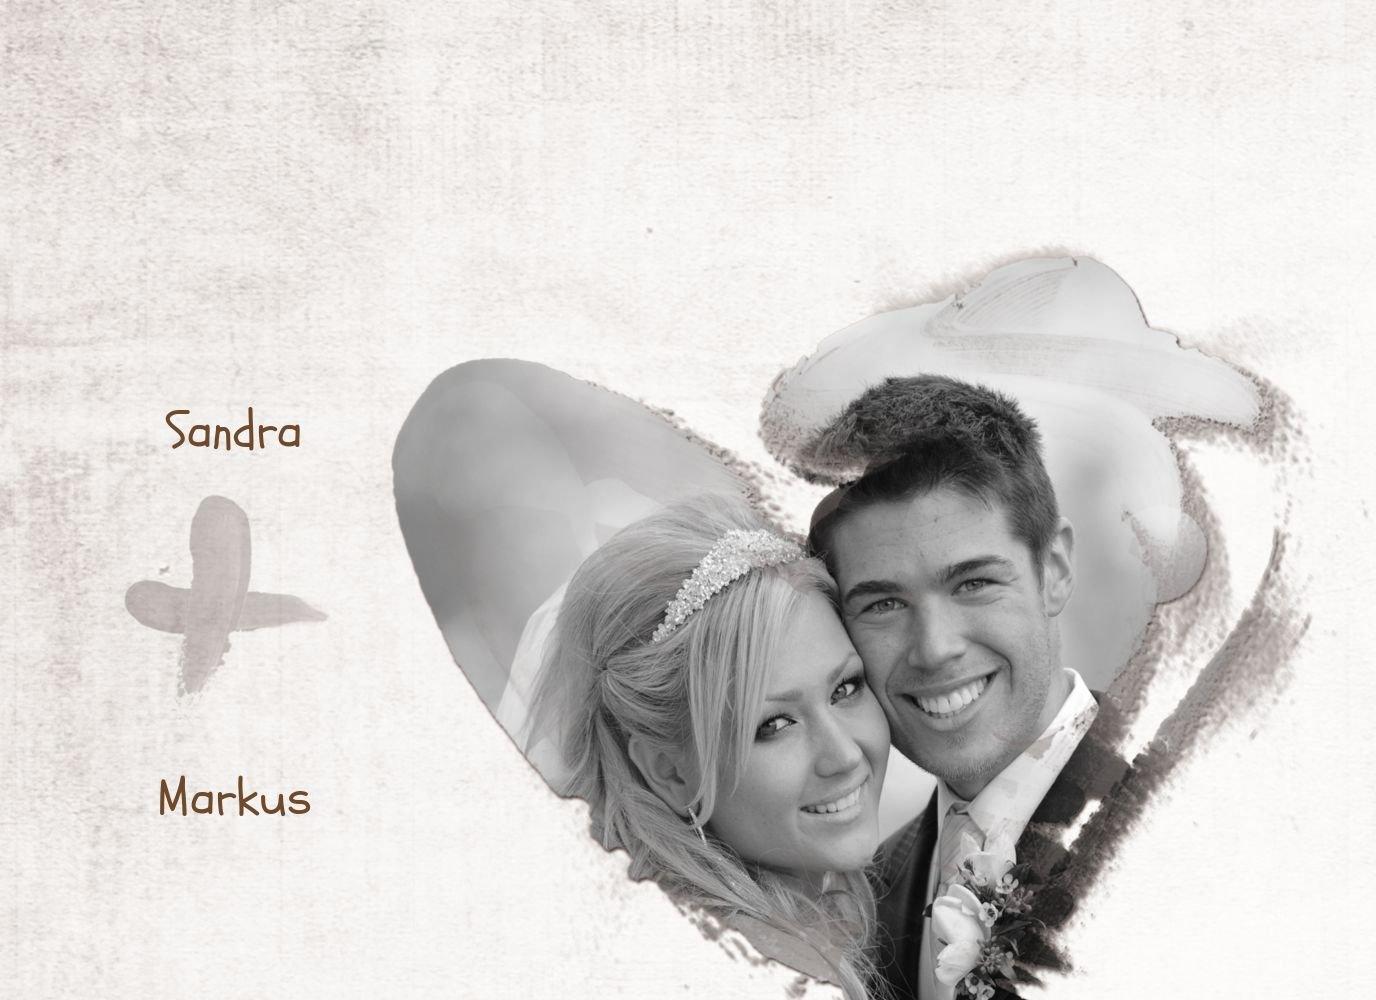 Kartenparadies Danksagung für Hochzeitsgeschenke Hochzeit Dankeskarte Du    Ich  Liebe, hochwertige Danksagungskarte Hochzeitsglückwünsche inklusive Umschläge   20 Karten - (Format  148x105 mm) Farbe  Grau B01N4QEYVZ | Erschwinglich  |  dd2ba2